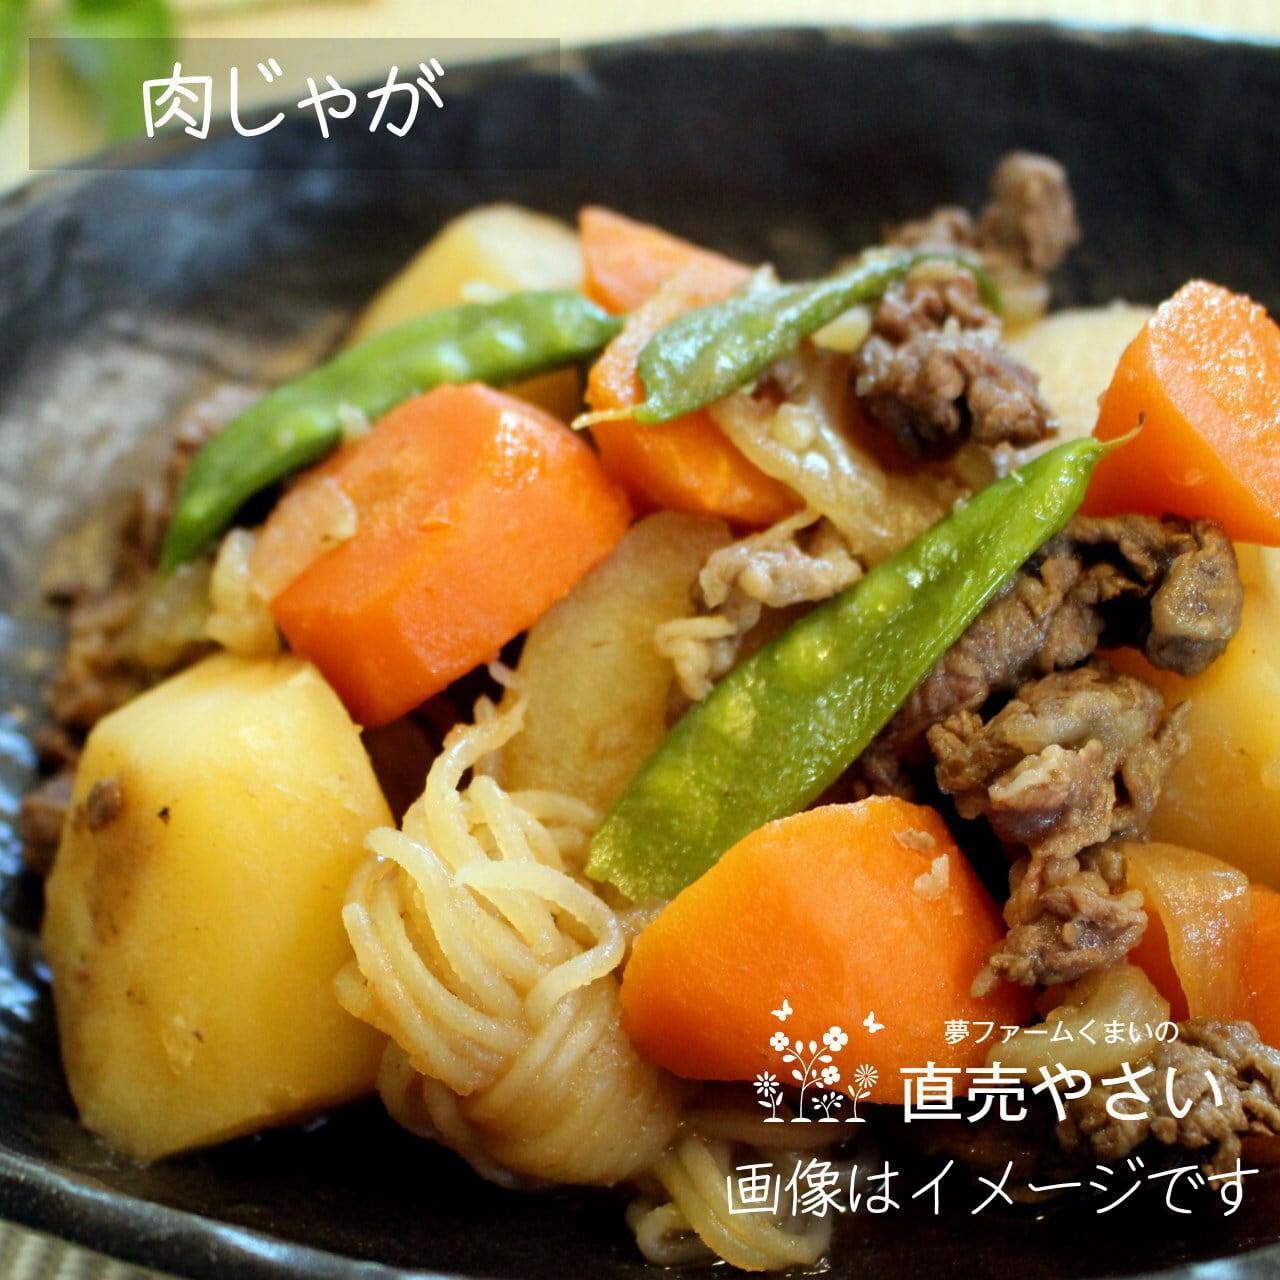 ニンジン 約400g : 6月の朝採り直売野菜  春の新鮮野菜 6月5日発送予定